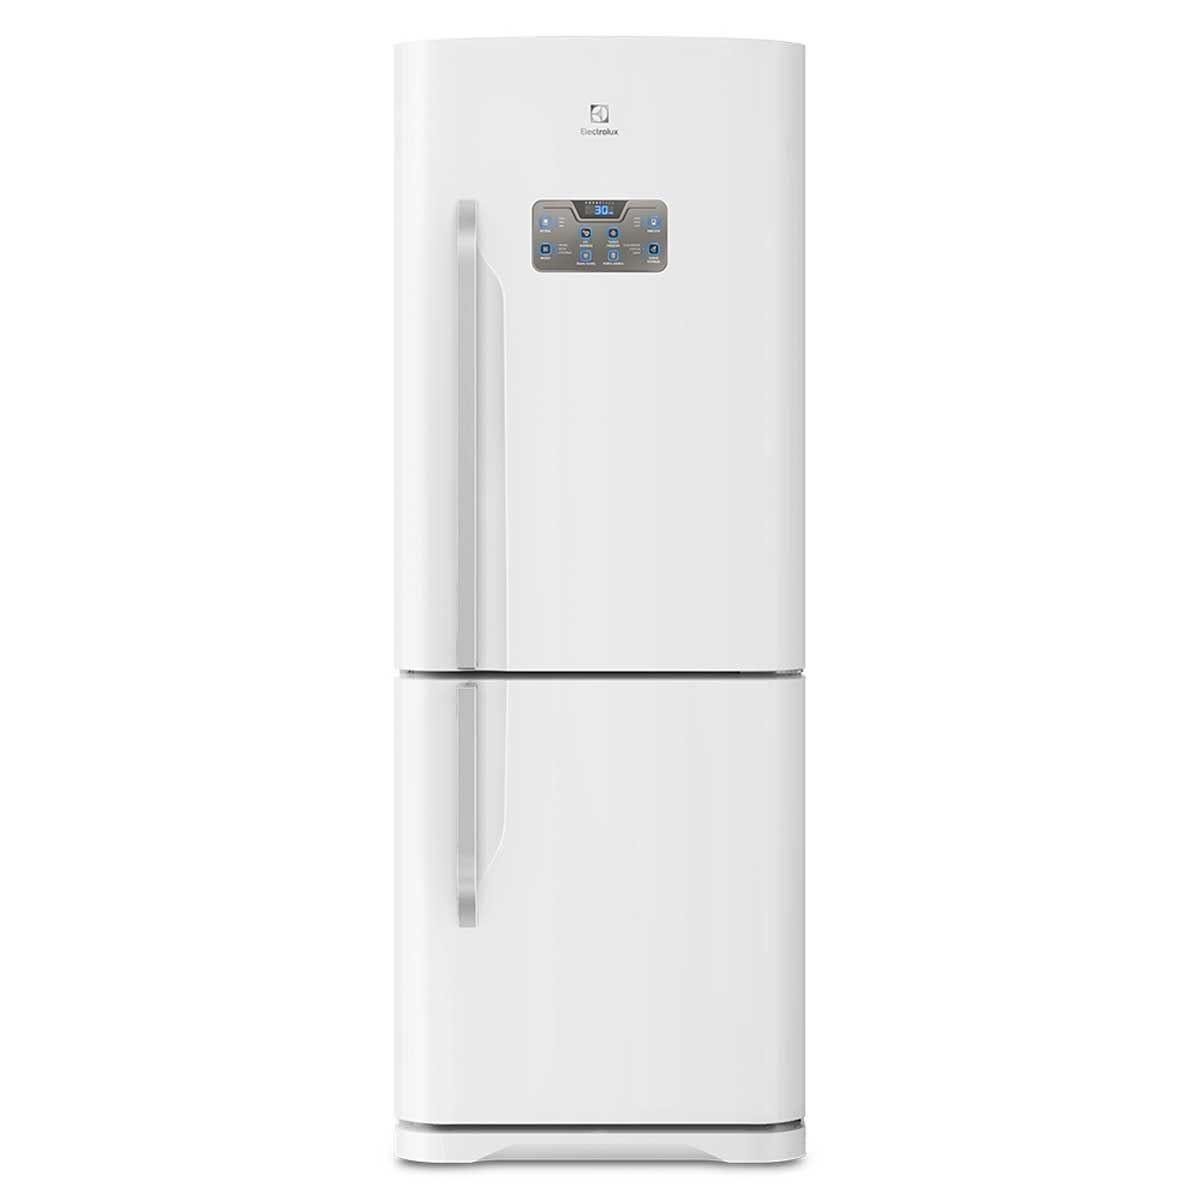 Geladeira/refrigerador 454 Litros 2 Portas Branco - Electrolux - 110v - Ib52